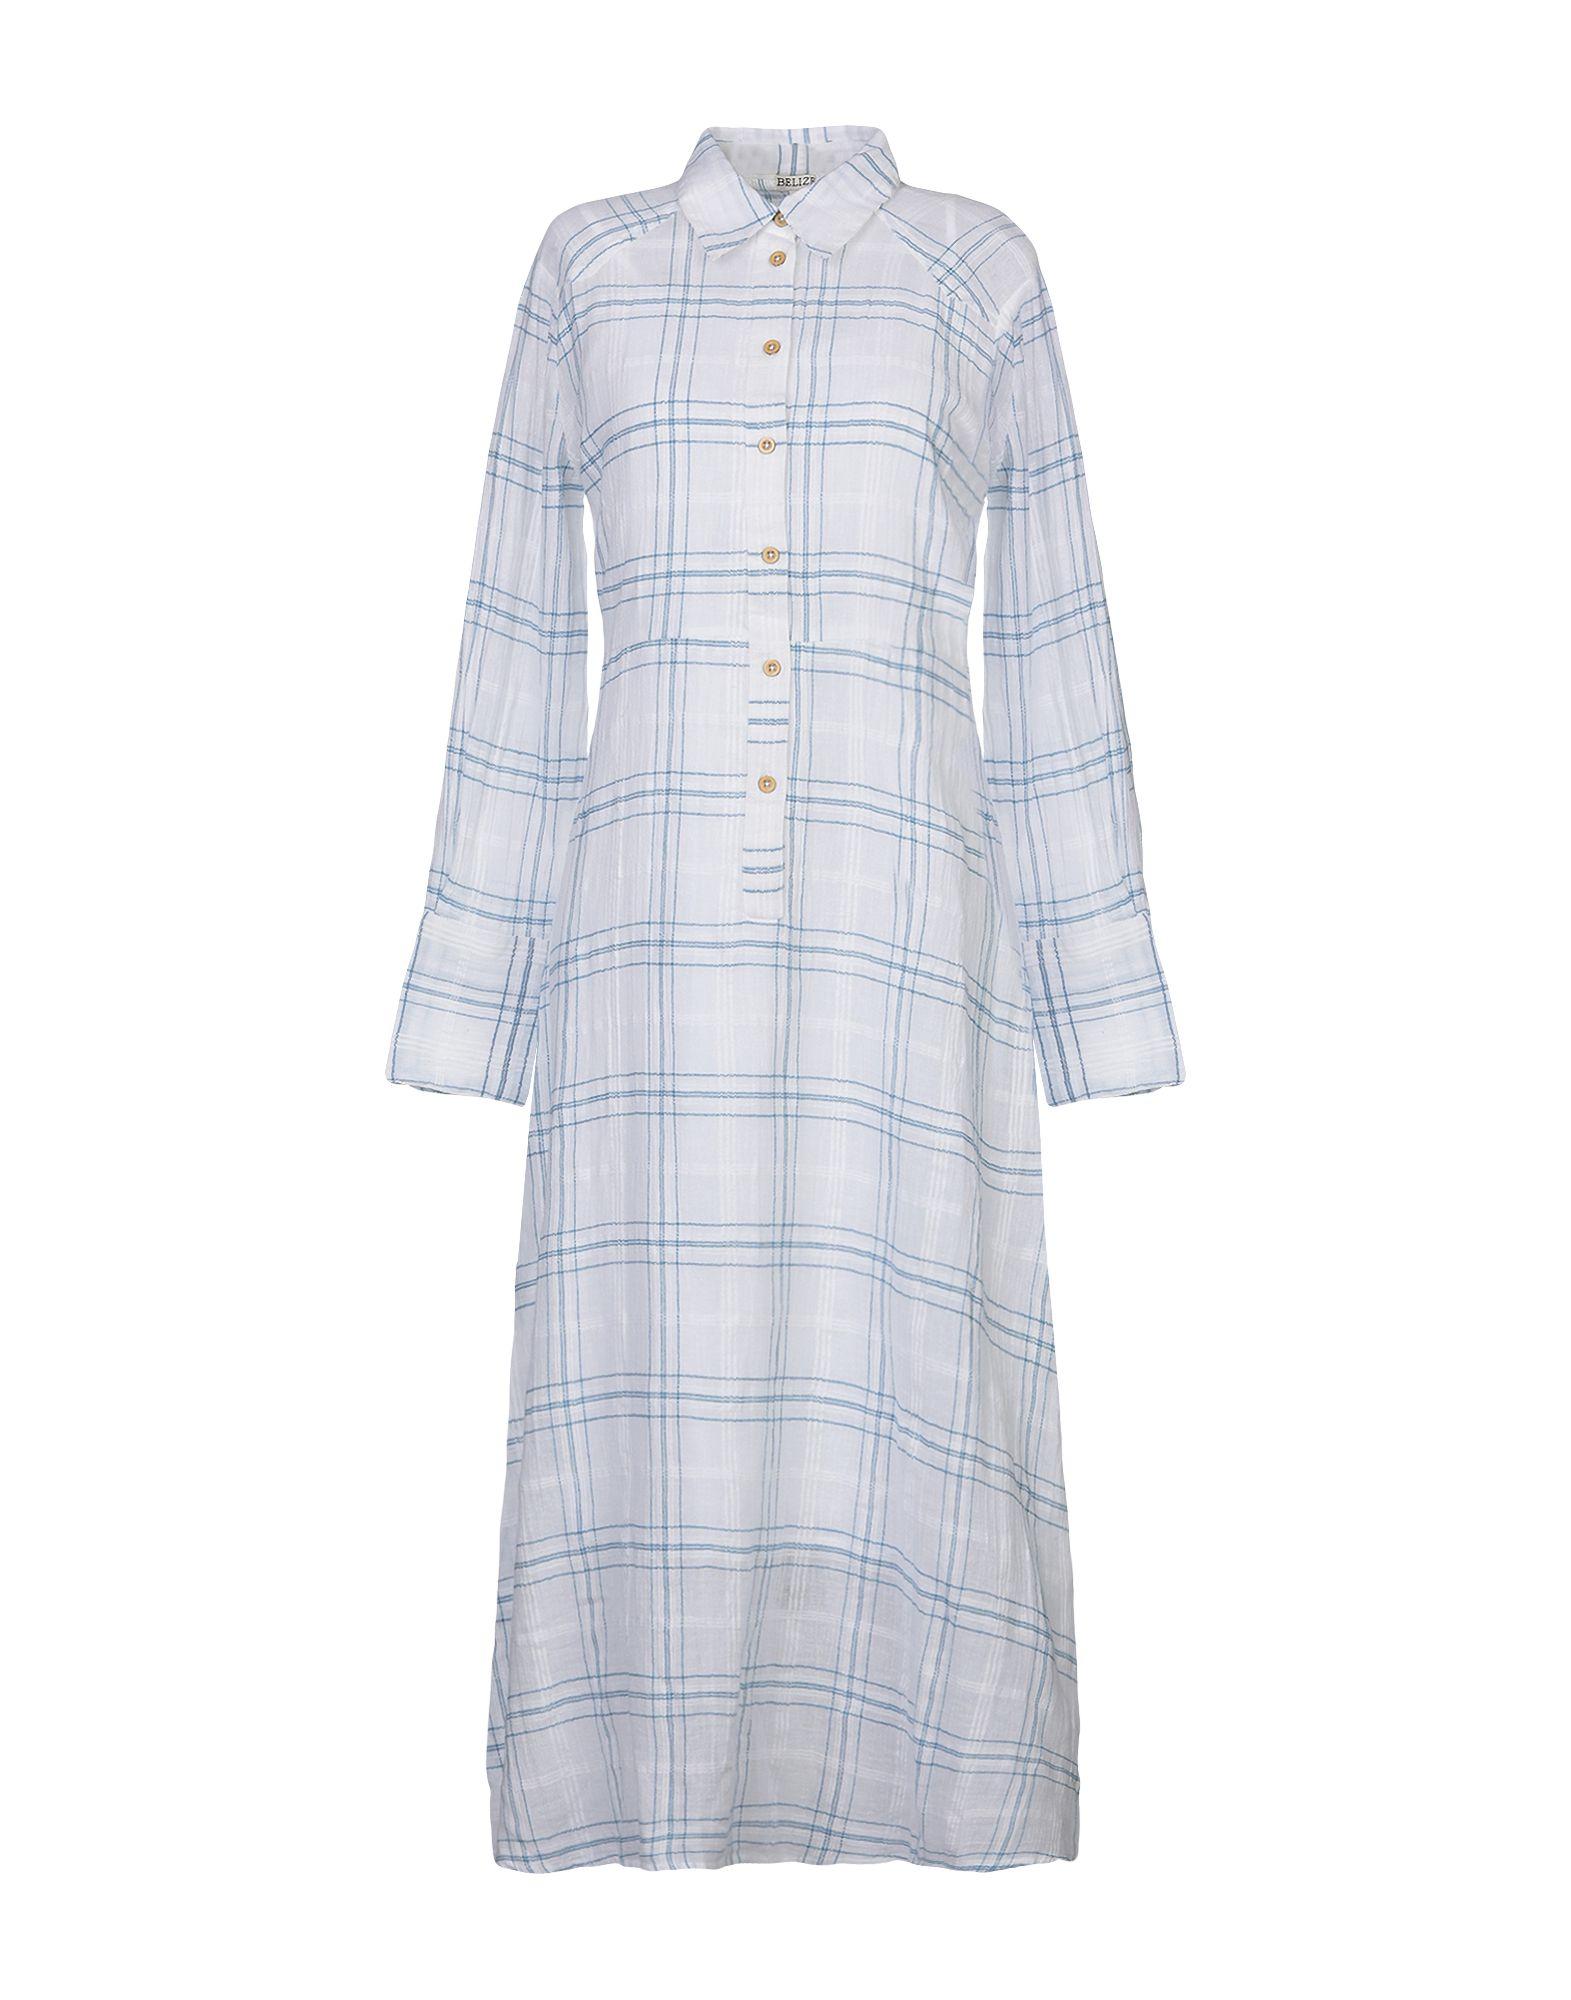 BELIZE Платье длиной 3/4 fodor belize